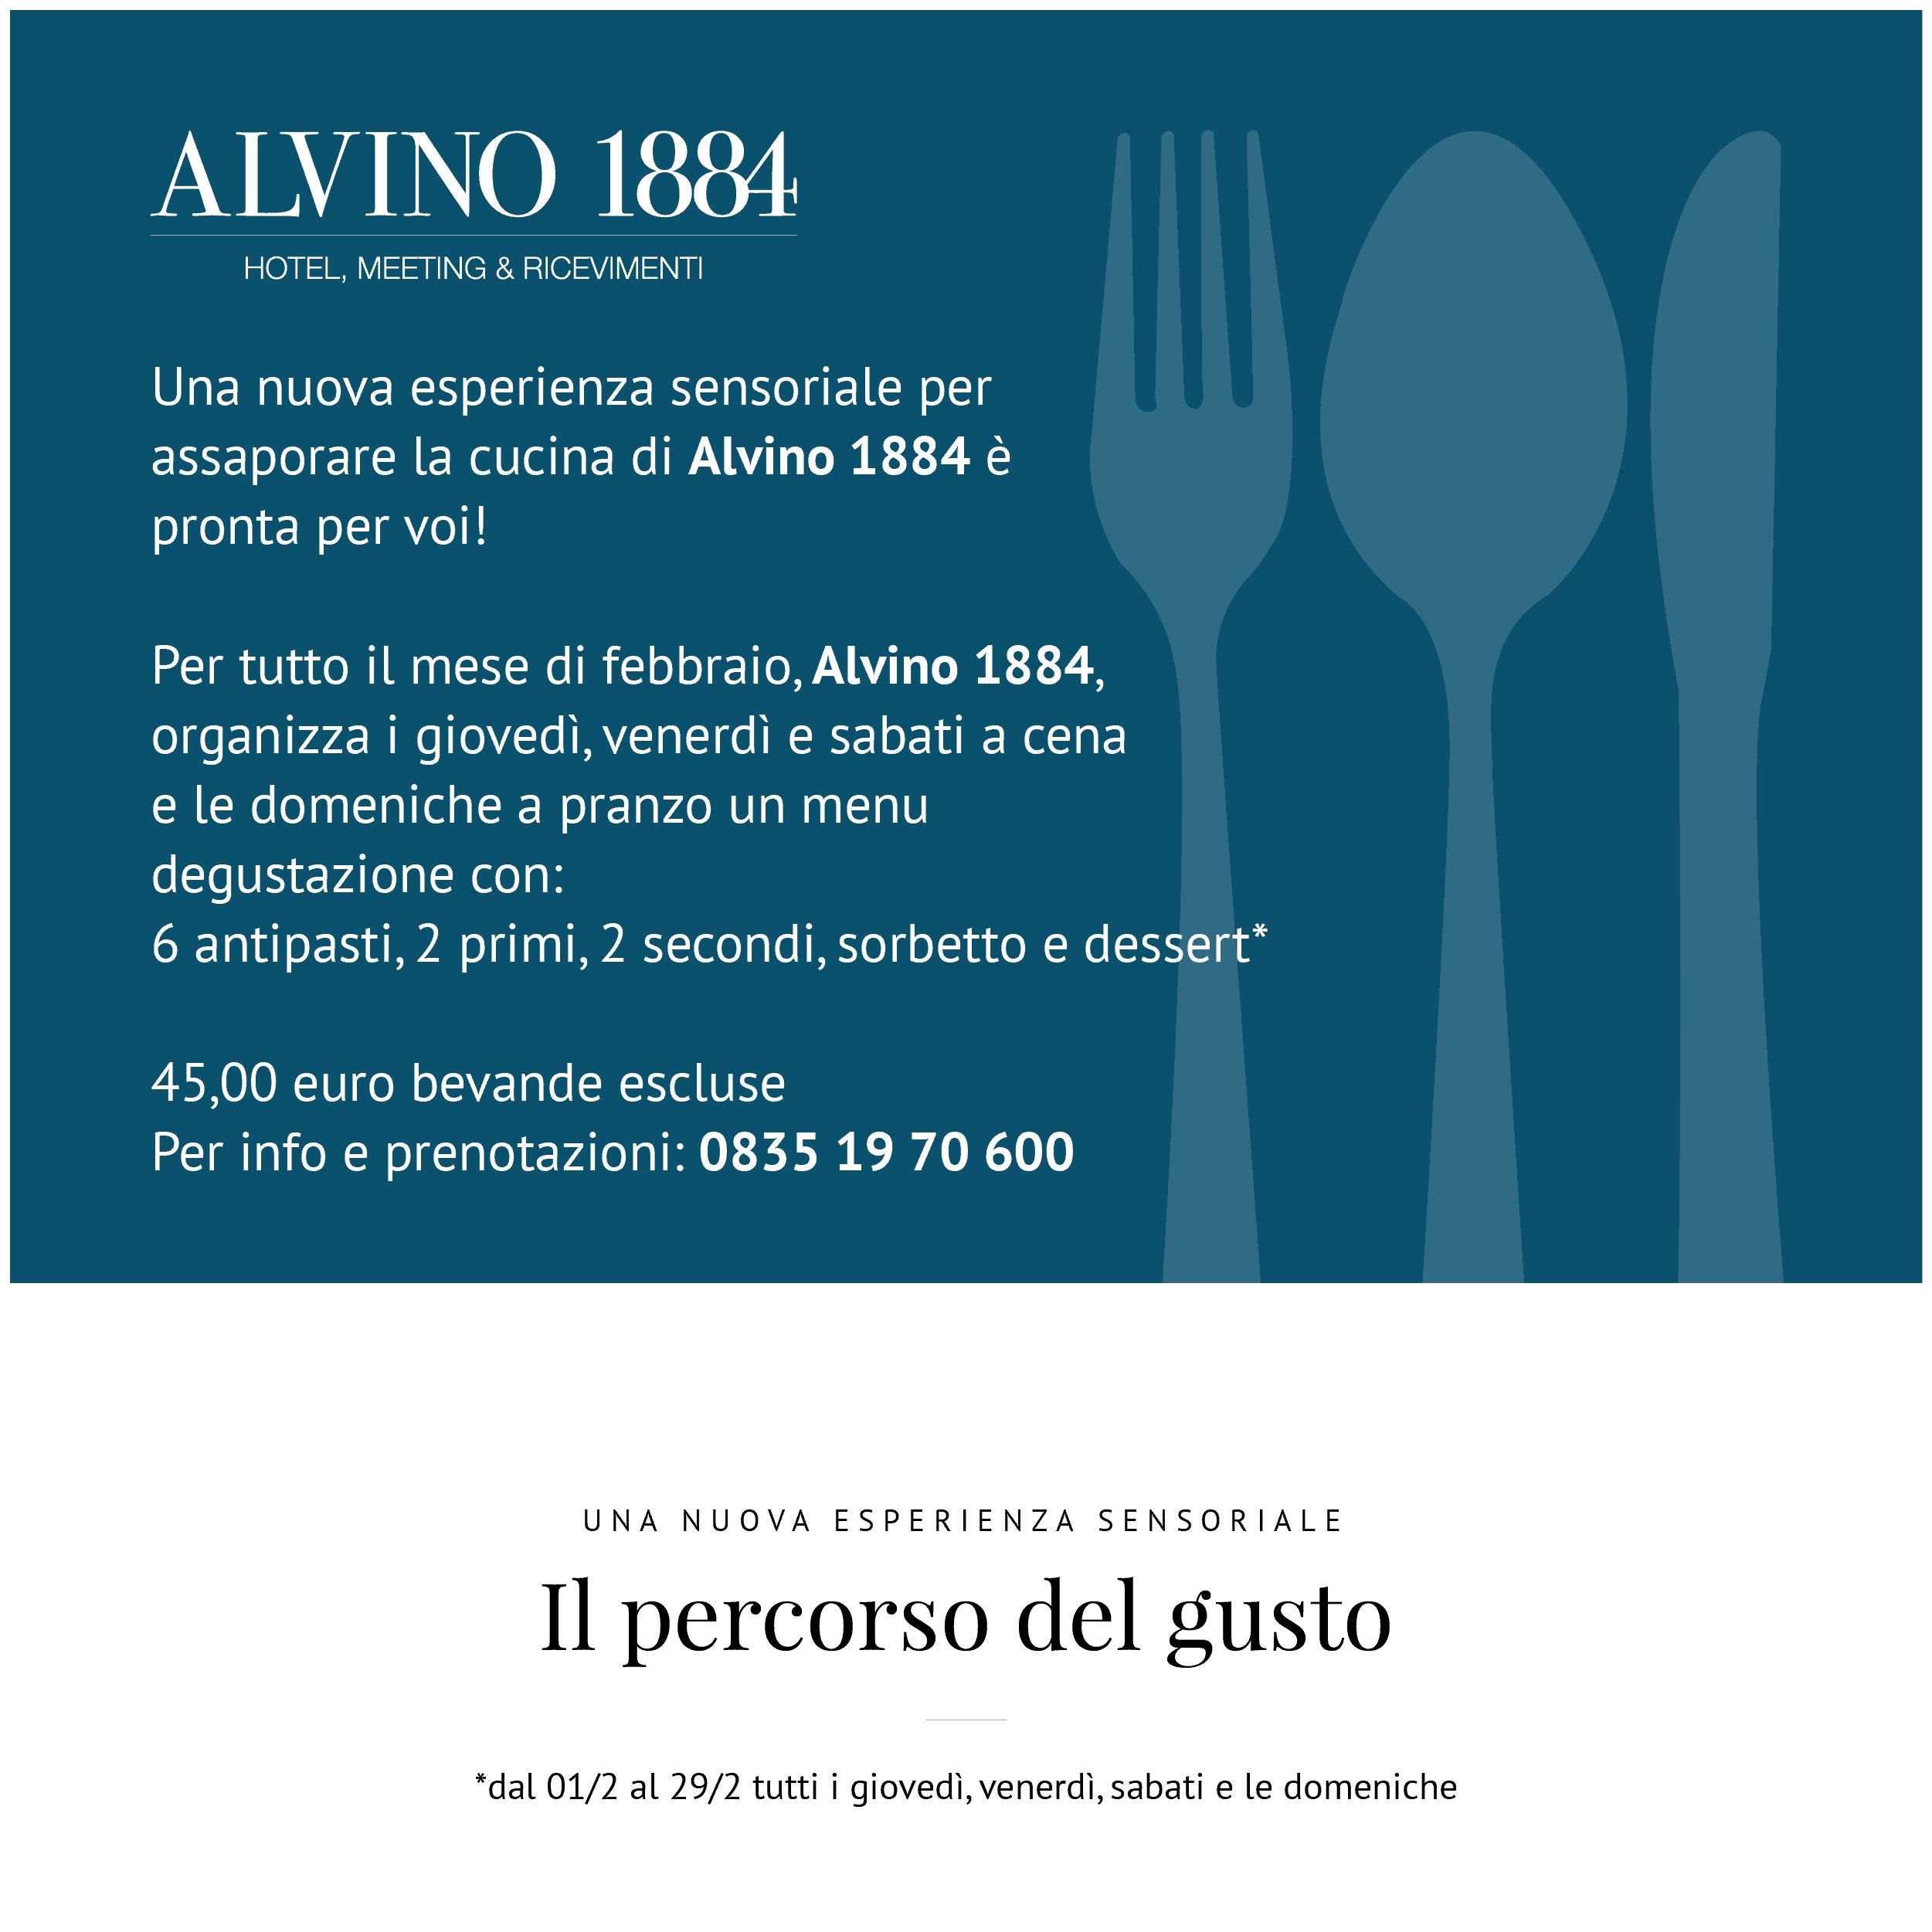 Alvino 1884 - Evento, Il percorso del gusto